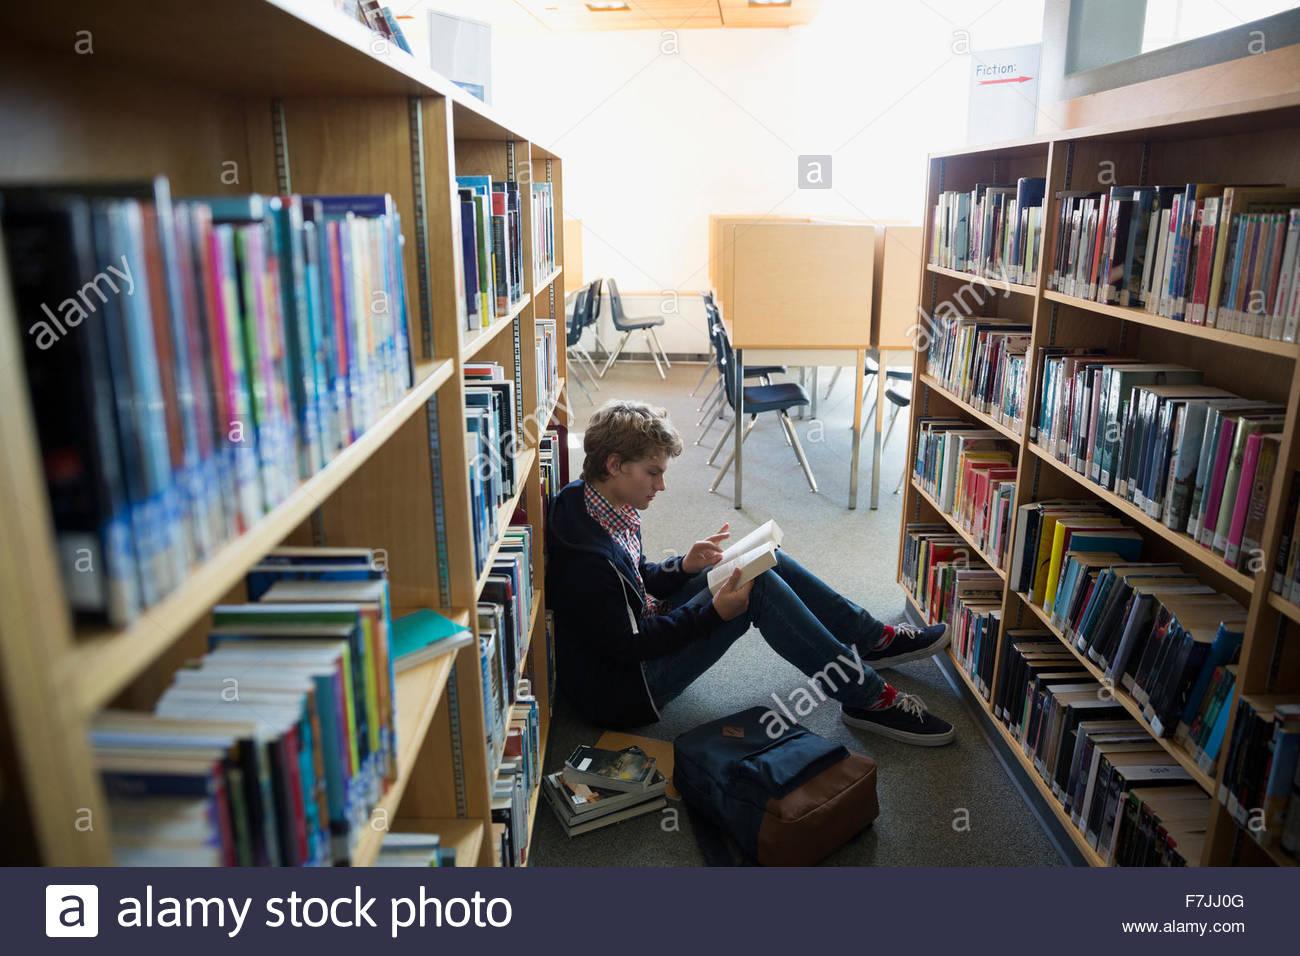 Estudiante de la High School secundaria libro de lectura sobre el piso de la biblioteca Imagen De Stock